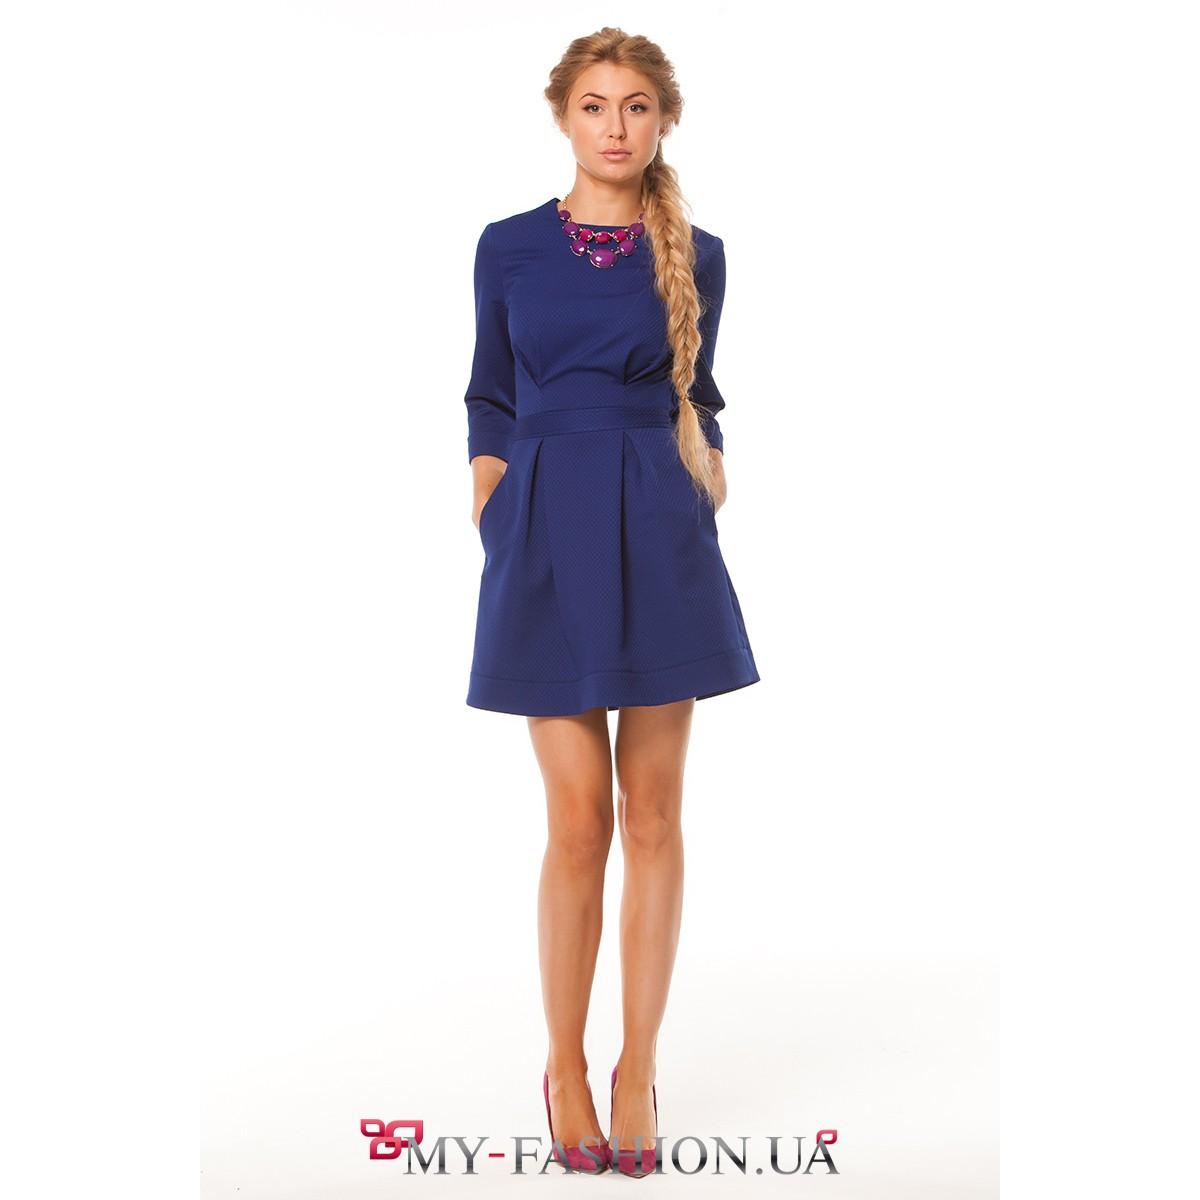 Женская брендовая одежда купить недорого в